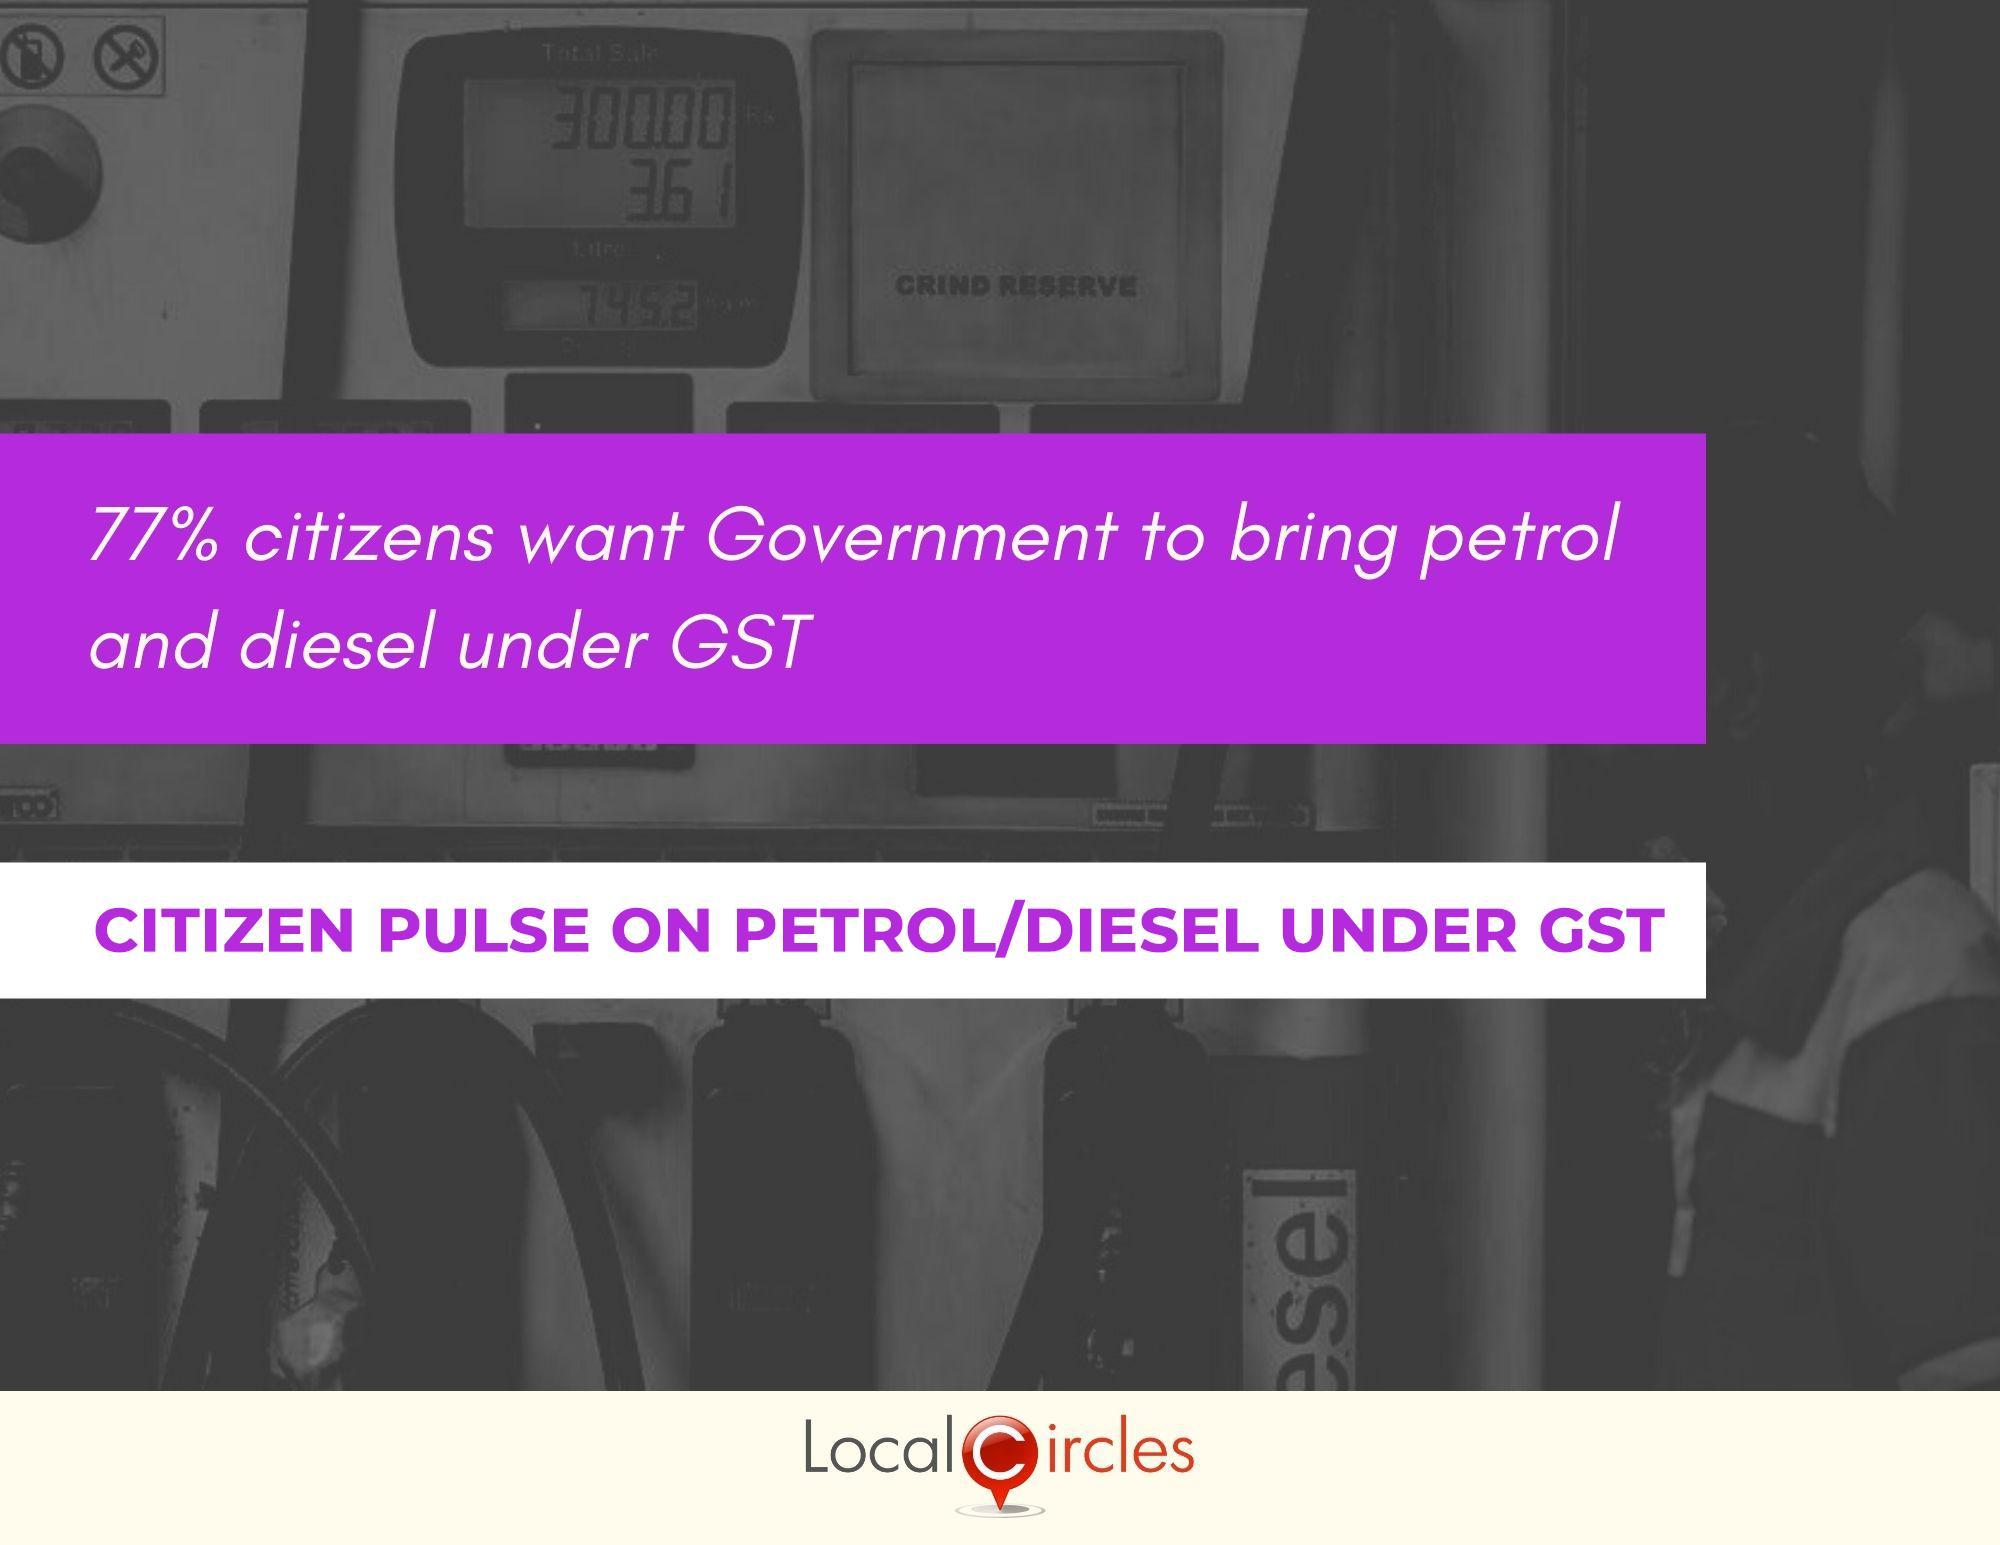 via_LocalCircles_Petrol_Diesel_3_Updated___20210916113004___.jpg